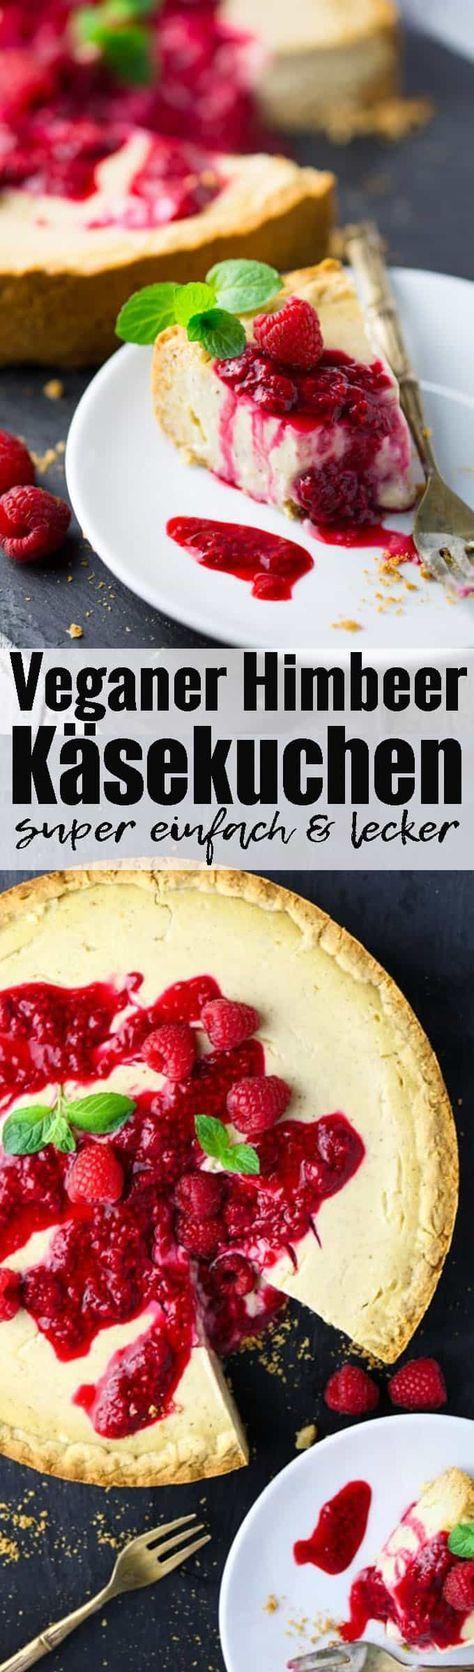 Veganer Käsekuchen mit Himbeeren #simplecheesecakerecipe